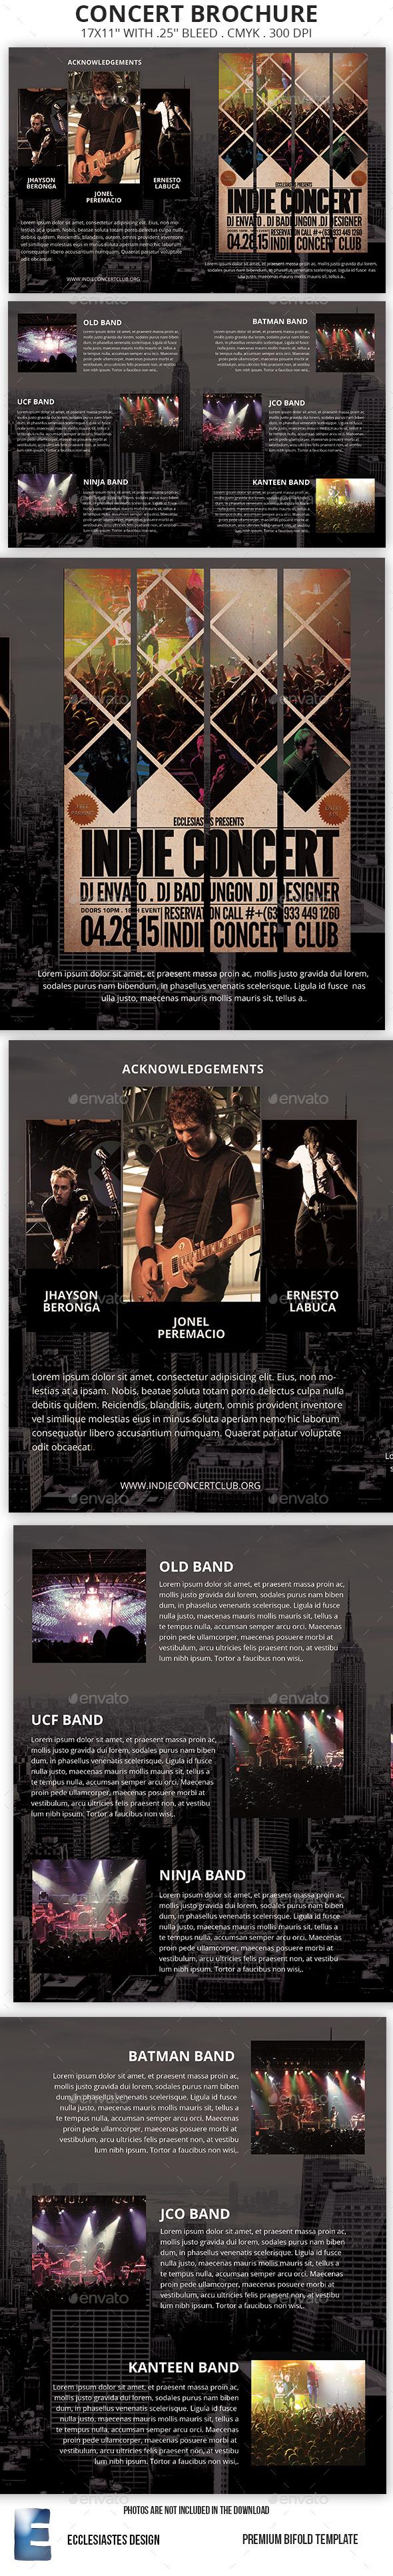 Concert Brochure - Informational Brochures